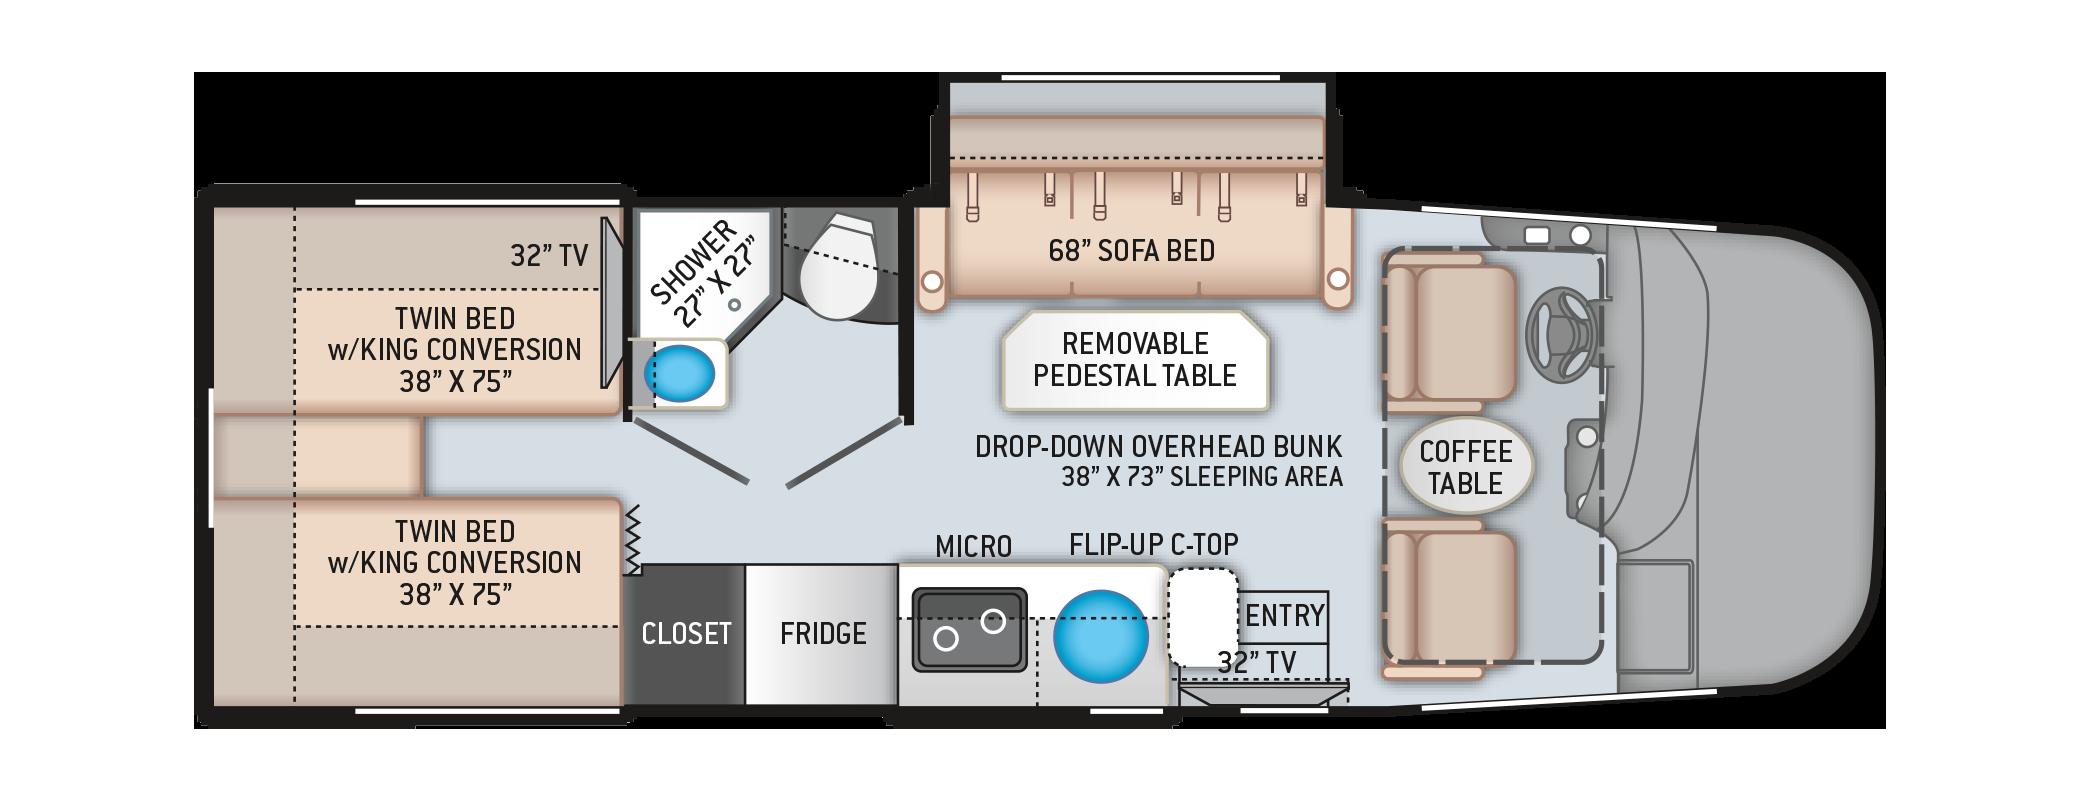 Axis RUV Class A Motorhome 24.1 Floor Plan